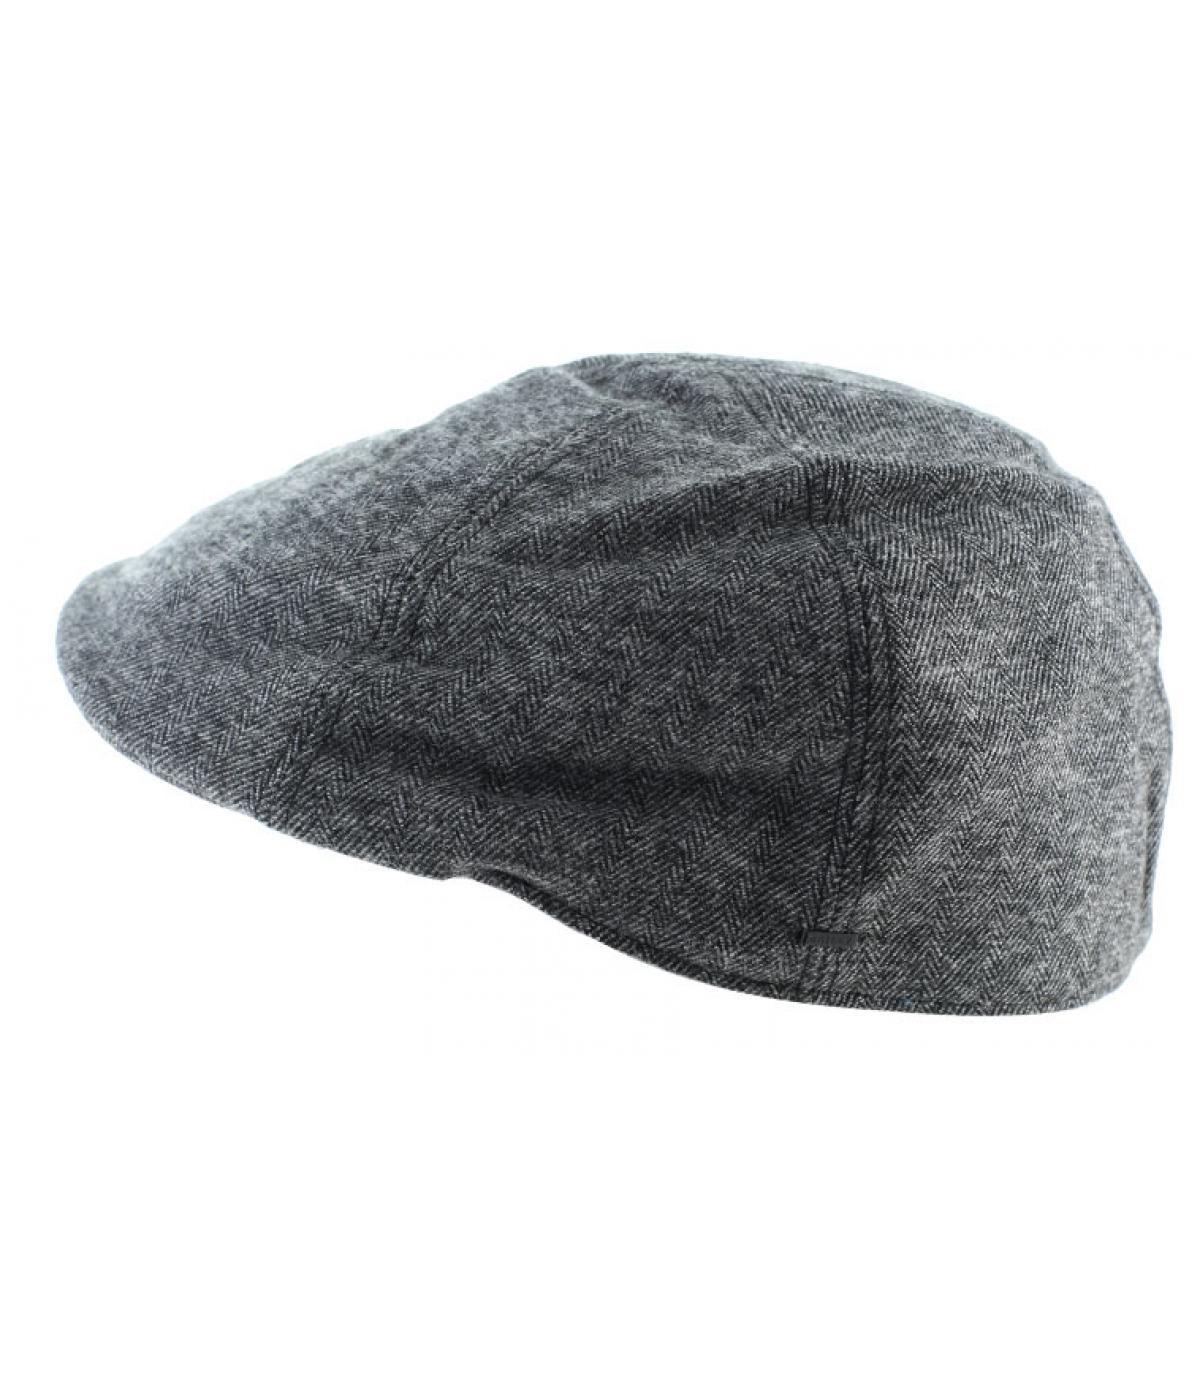 casquette duckbill noir coton